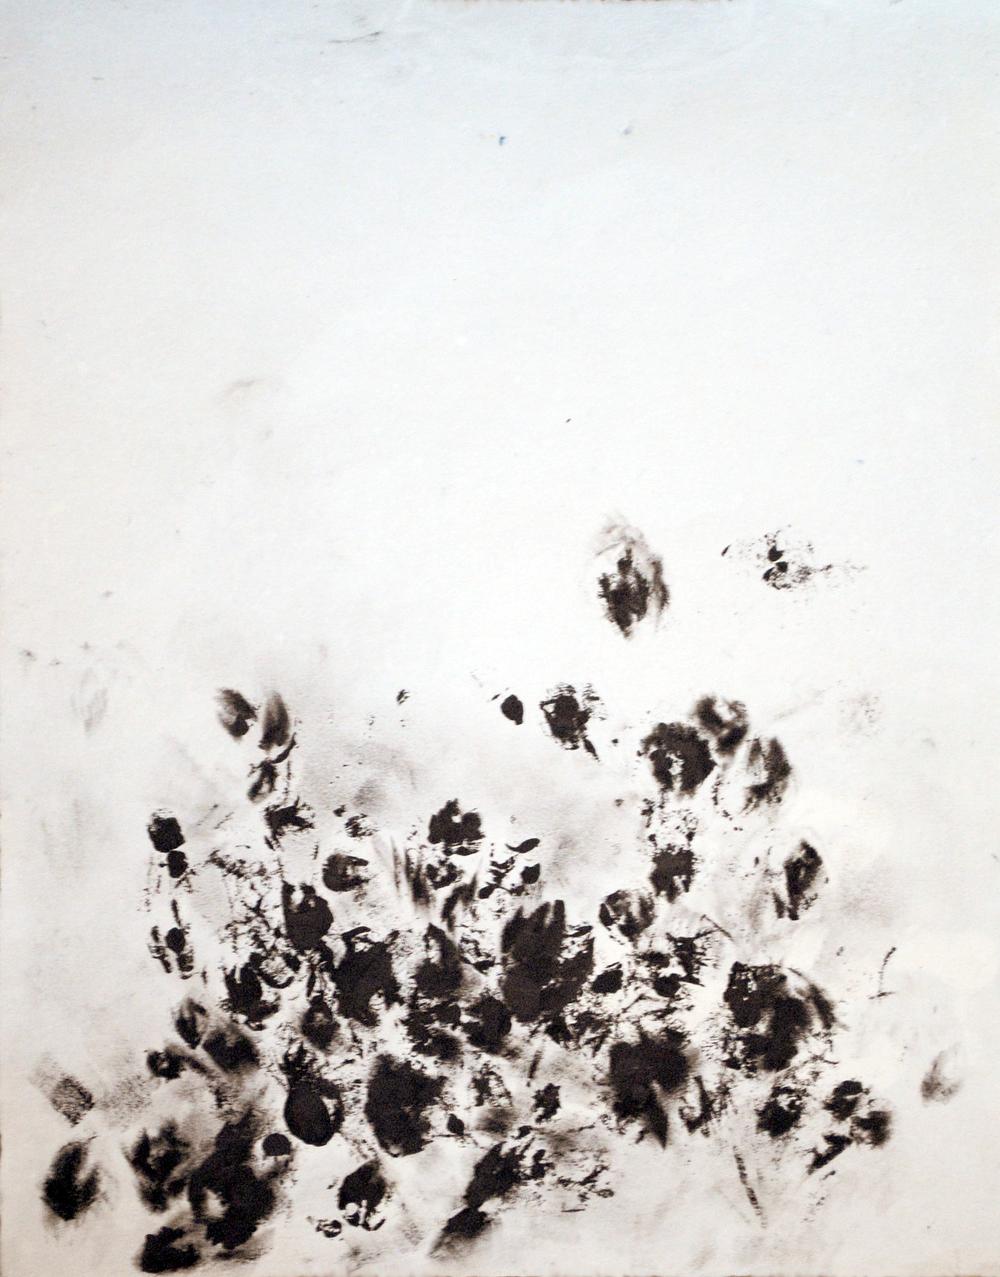 Fallen cluster